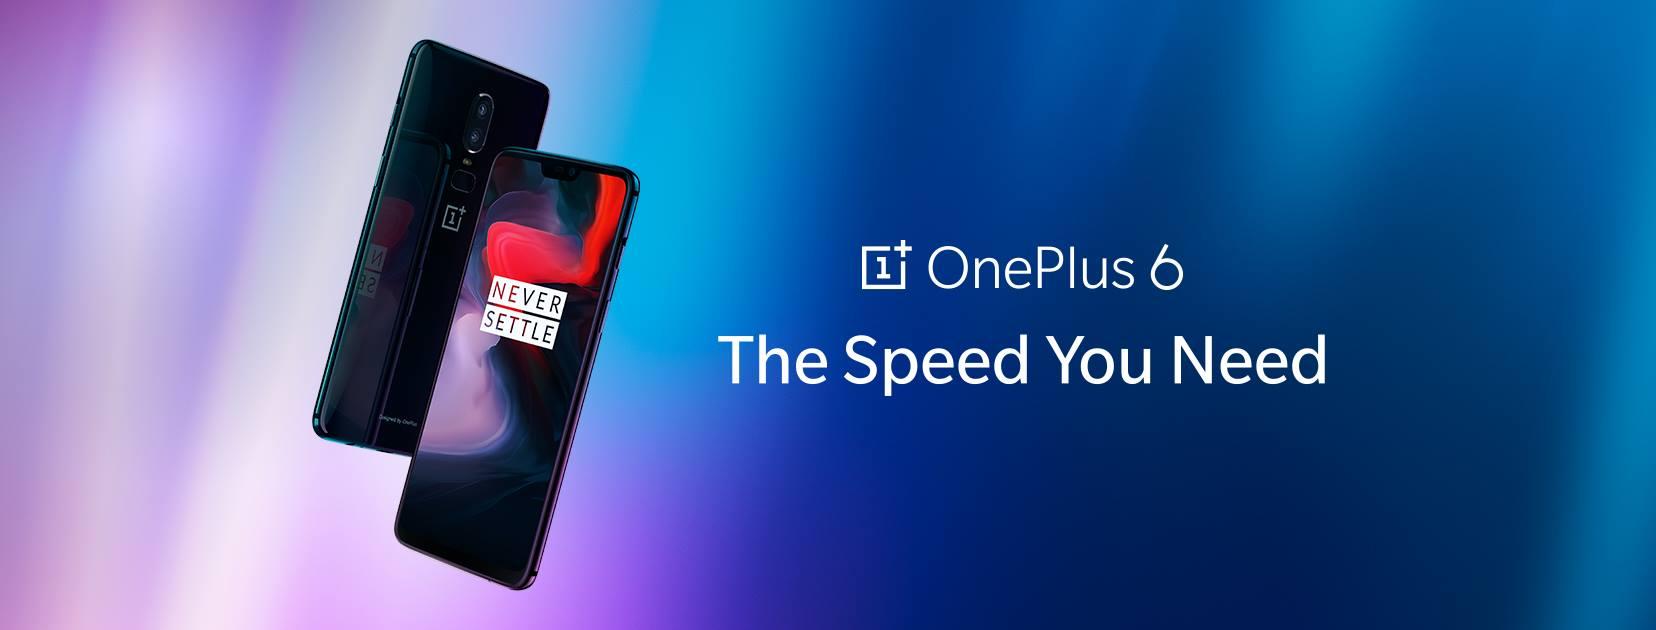 Souq.com launches OnePlus6 for UAE & KSA market